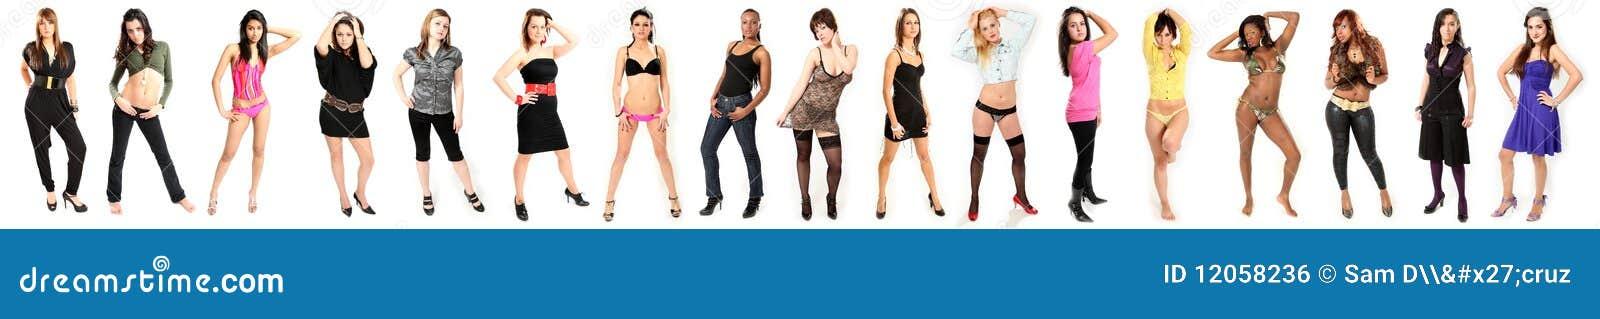 Modelos de forma bonitos das mulheres novas